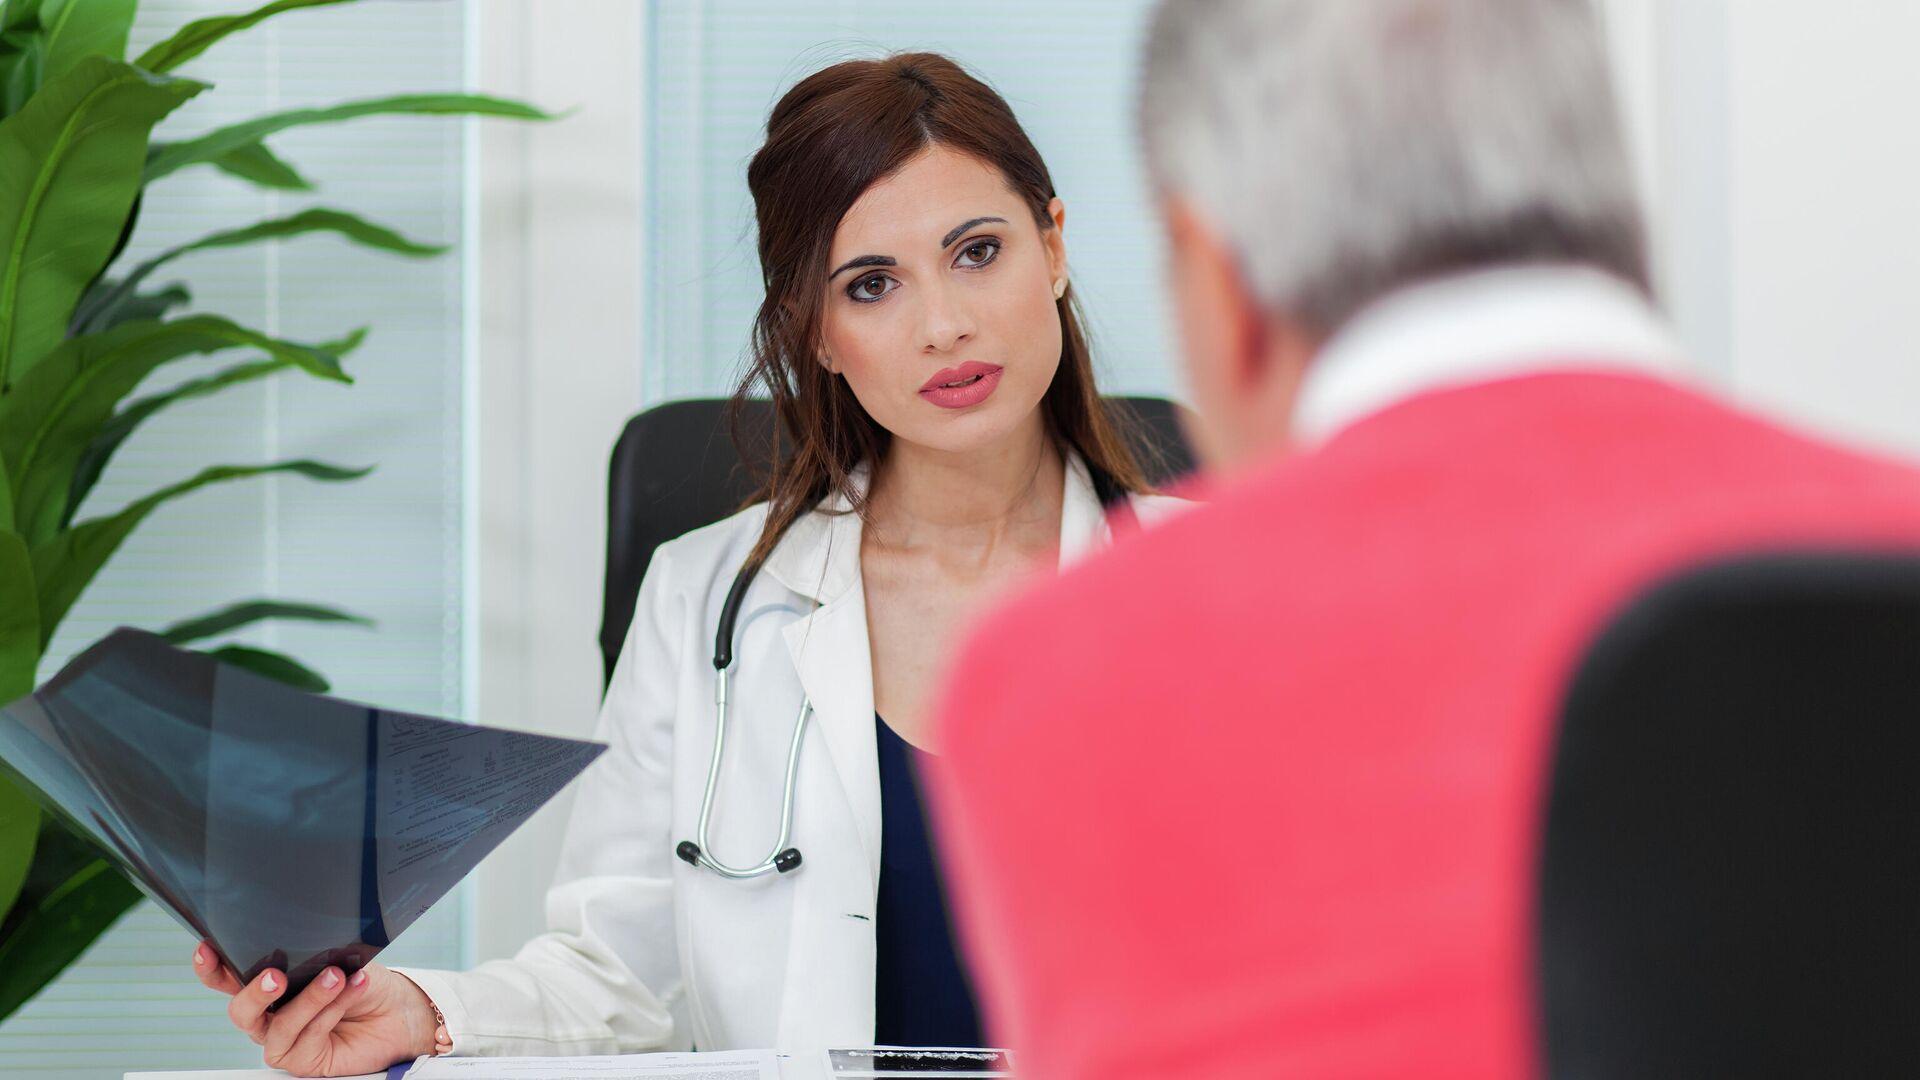 """Основатель """"Инвитро"""" заявил, что врачи руководствуются идеей гуманизма"""